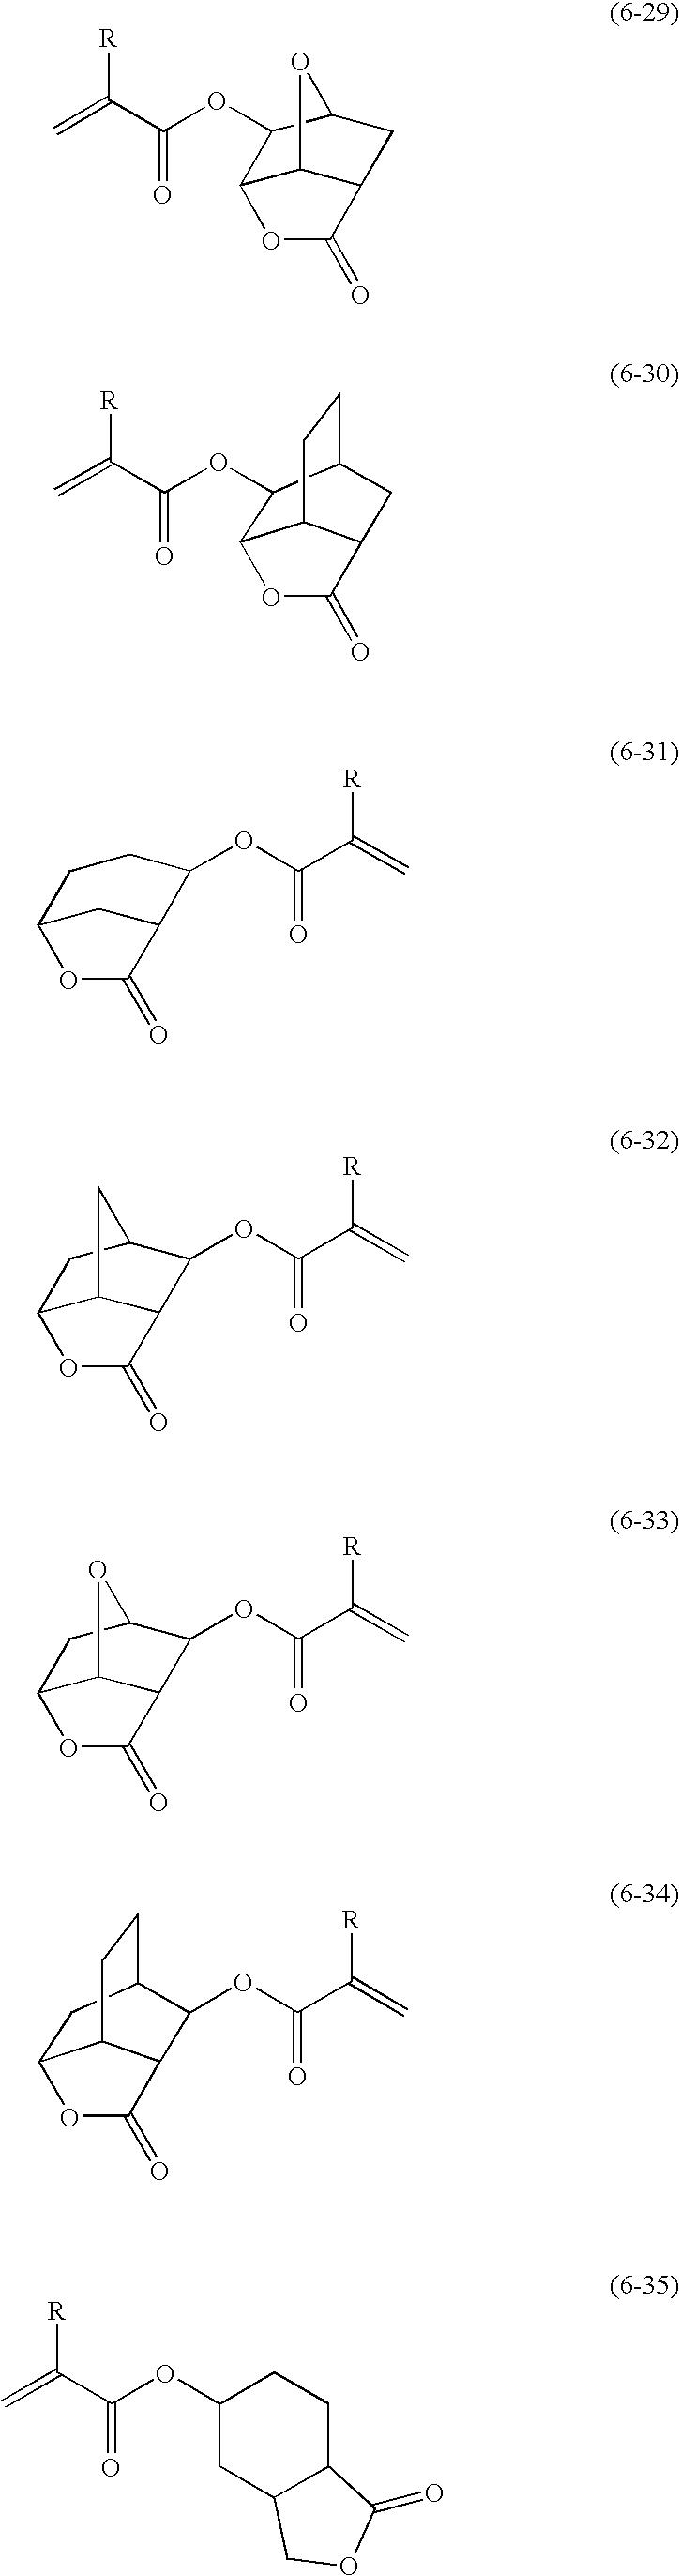 Figure US08114949-20120214-C00047